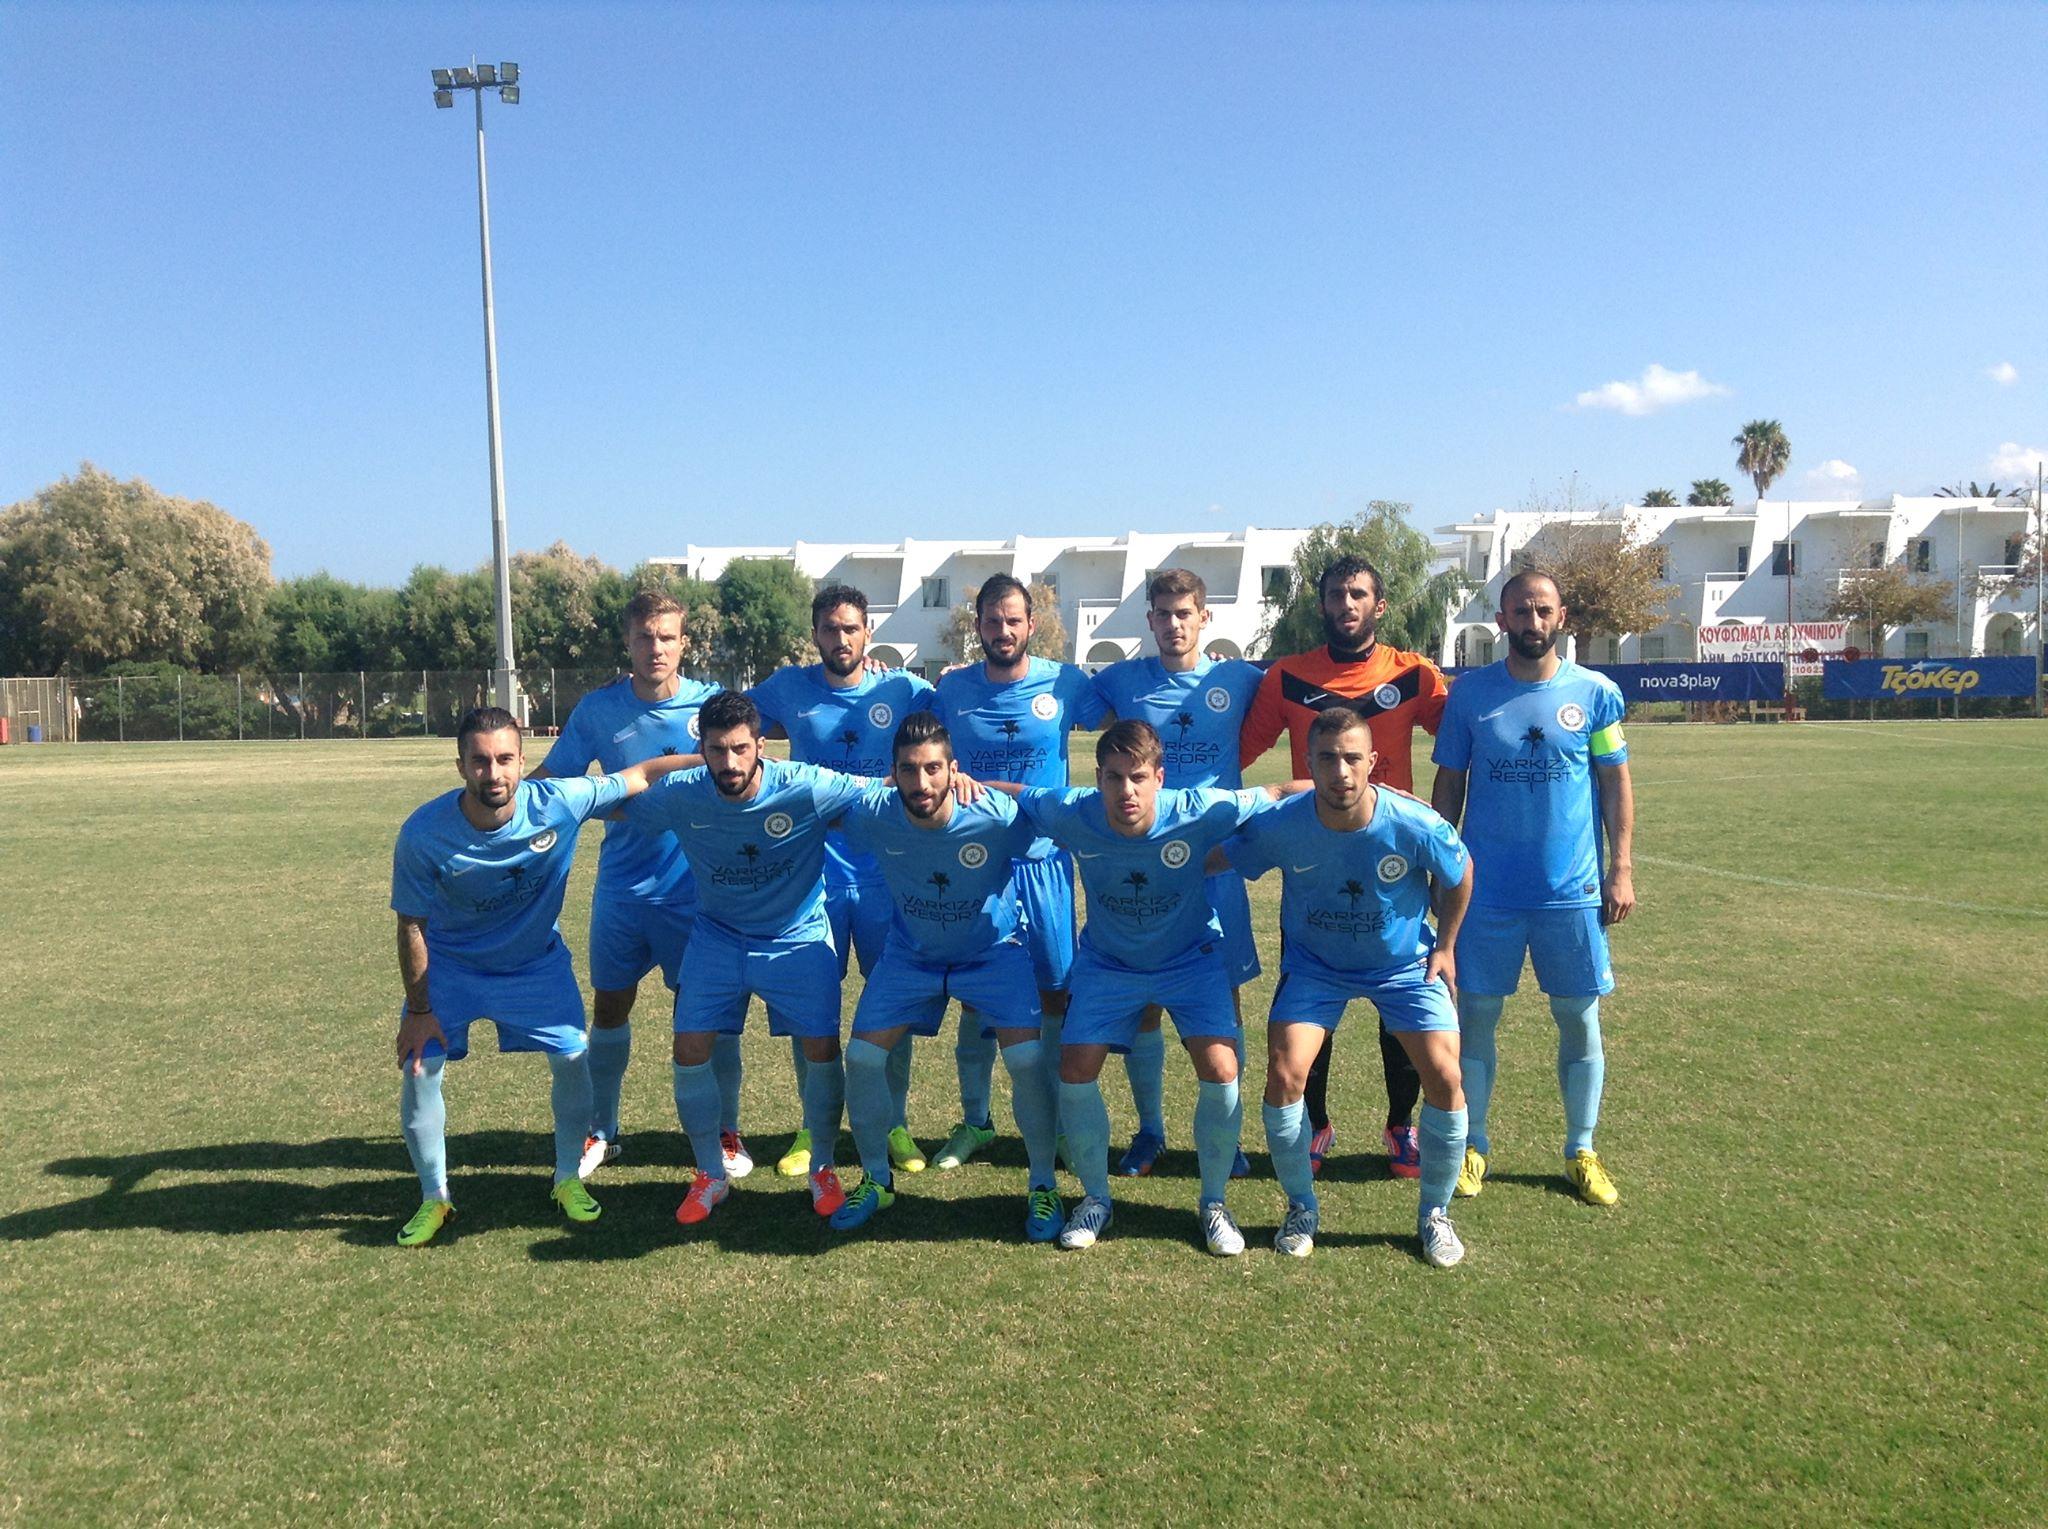 Ήττα με 3-1 του Κυανού Αστέρα από τον Ηλυσιακό (video)